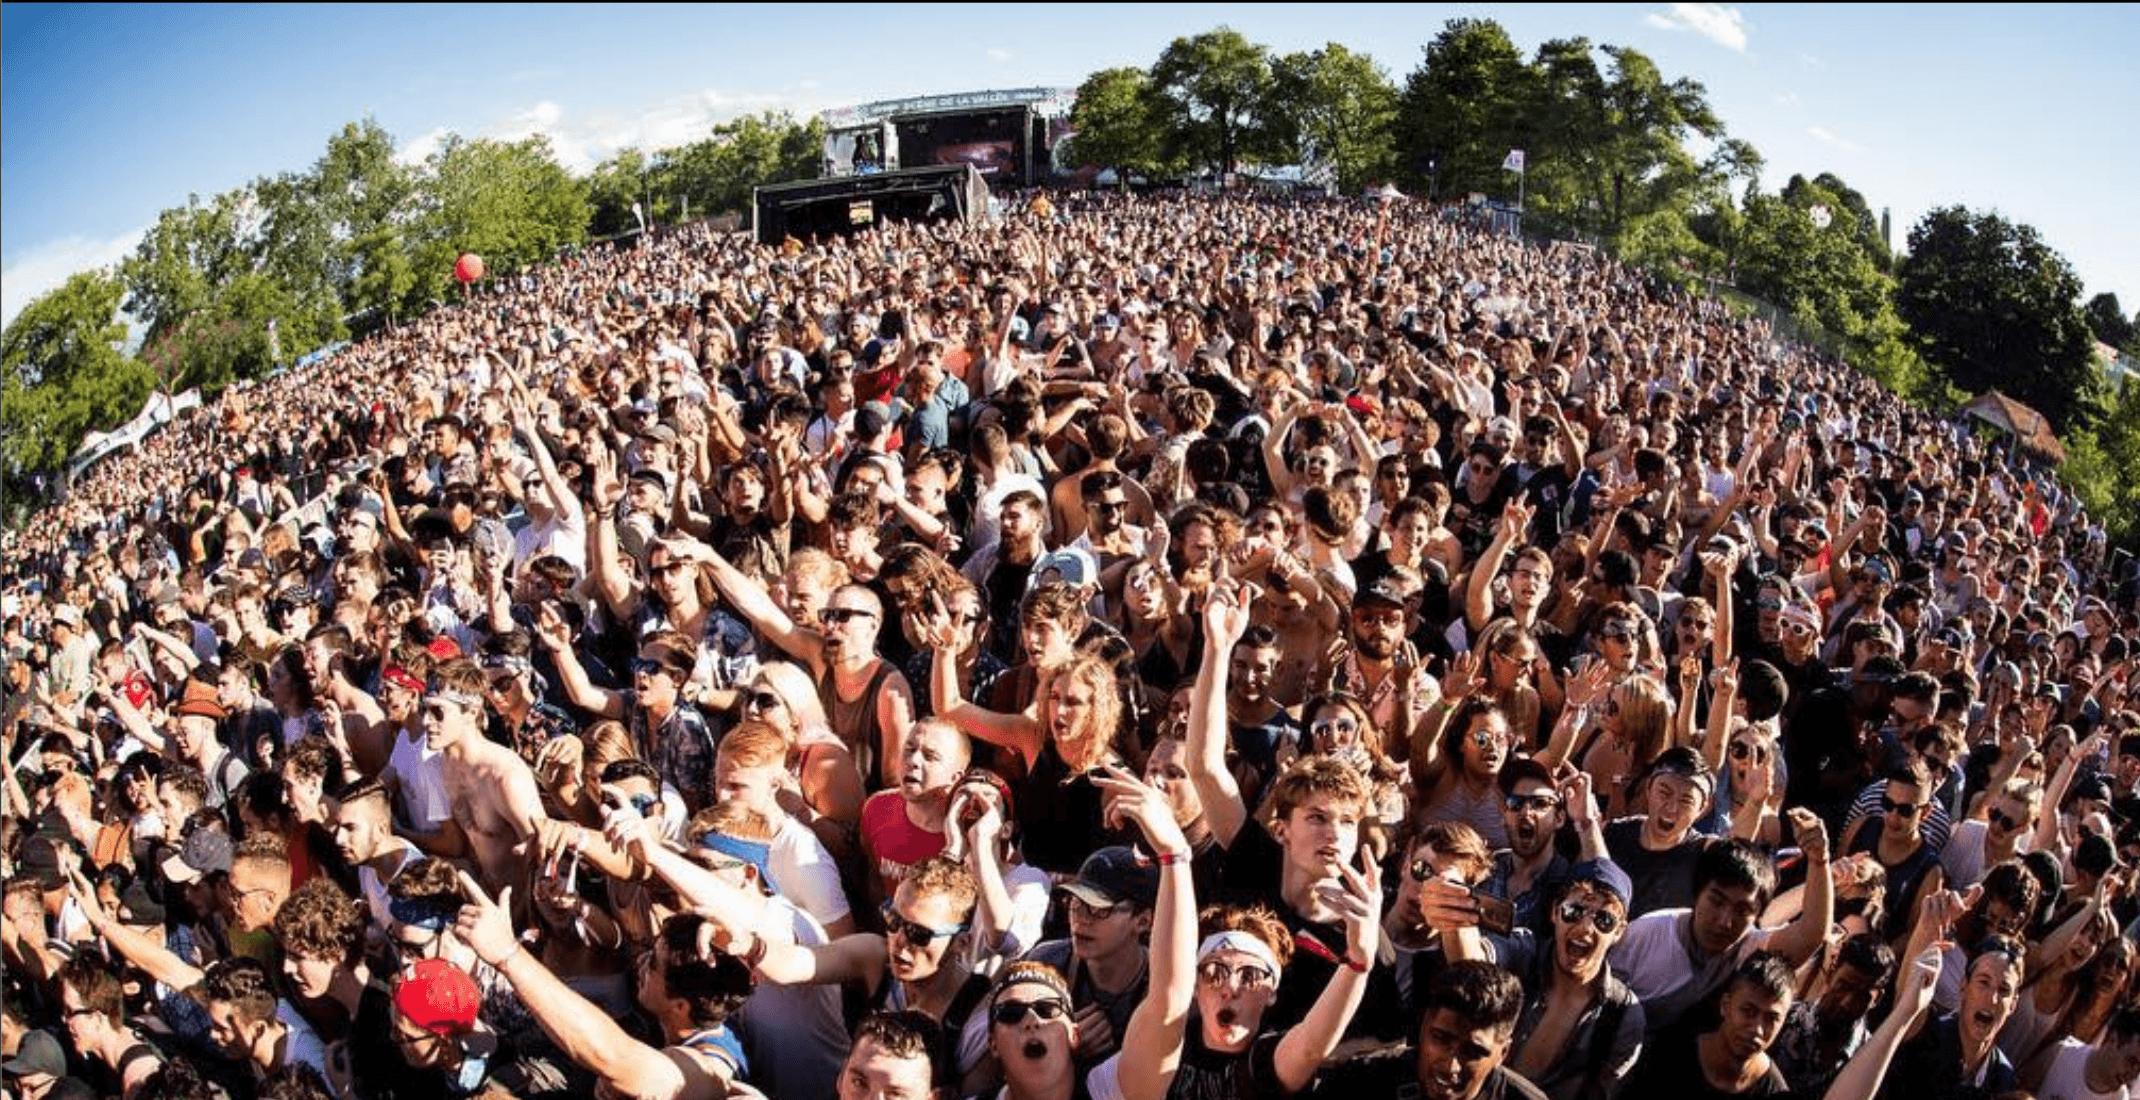 Osheaga has announced more festival headliners for 2018